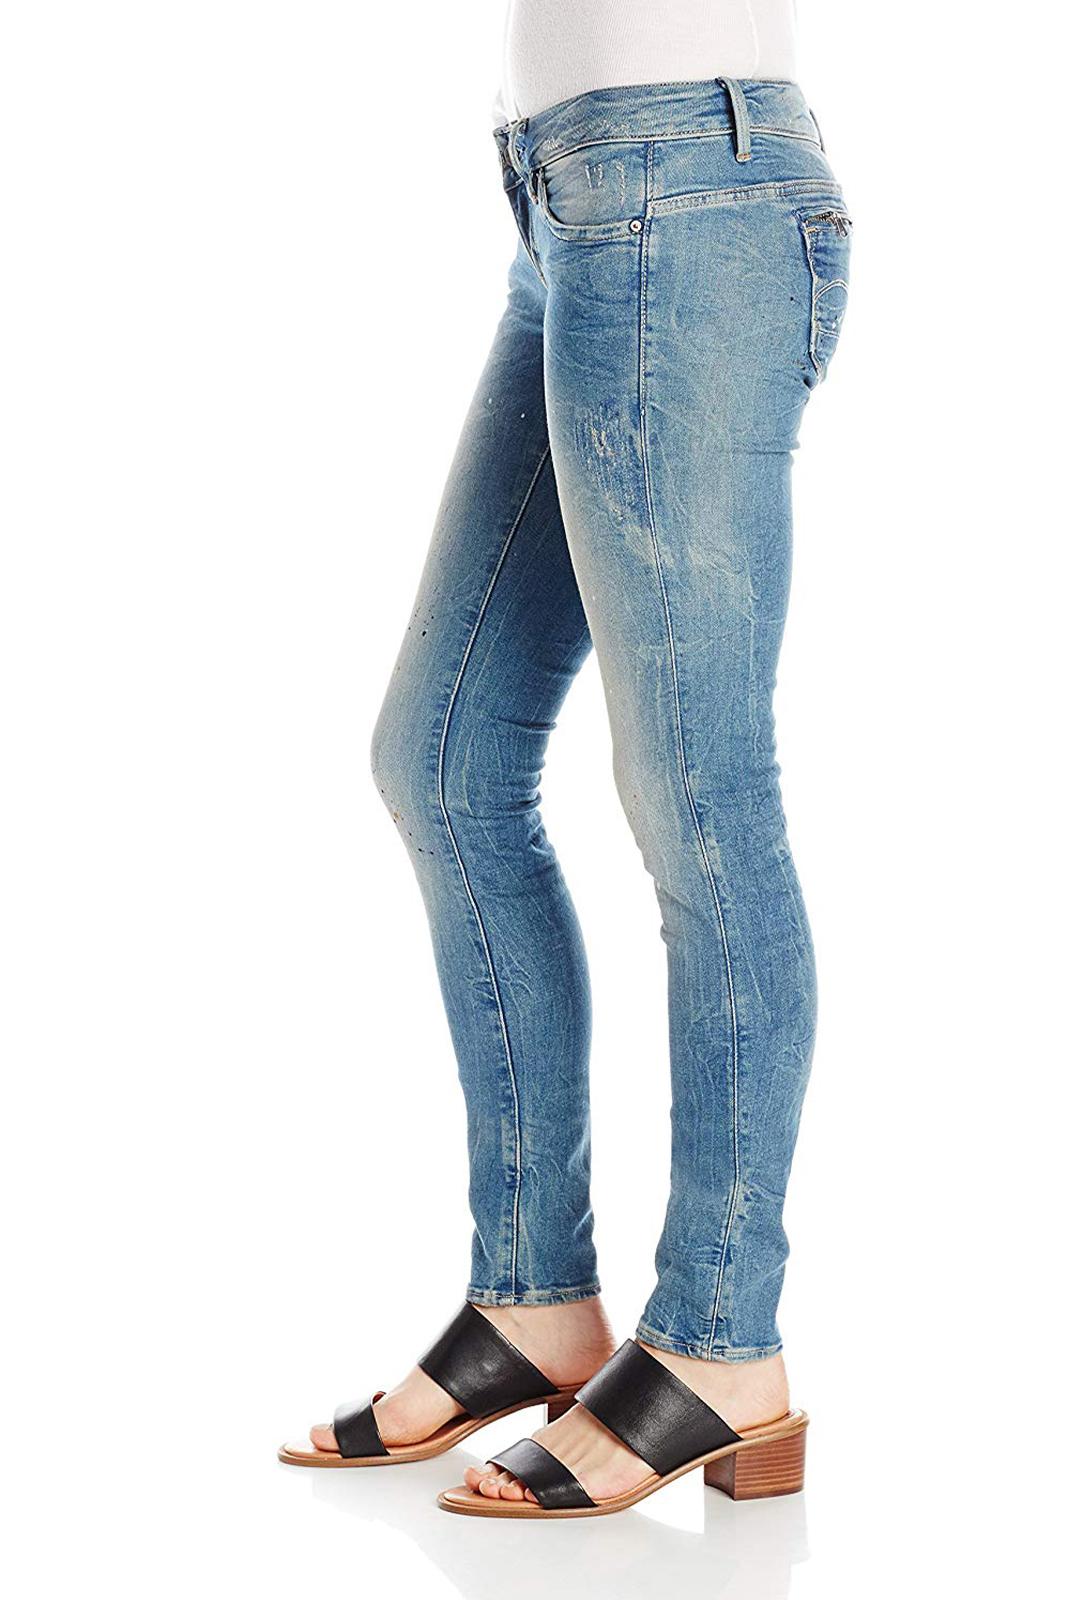 Jeans   G-star 60901-5169-5546 midge bleu